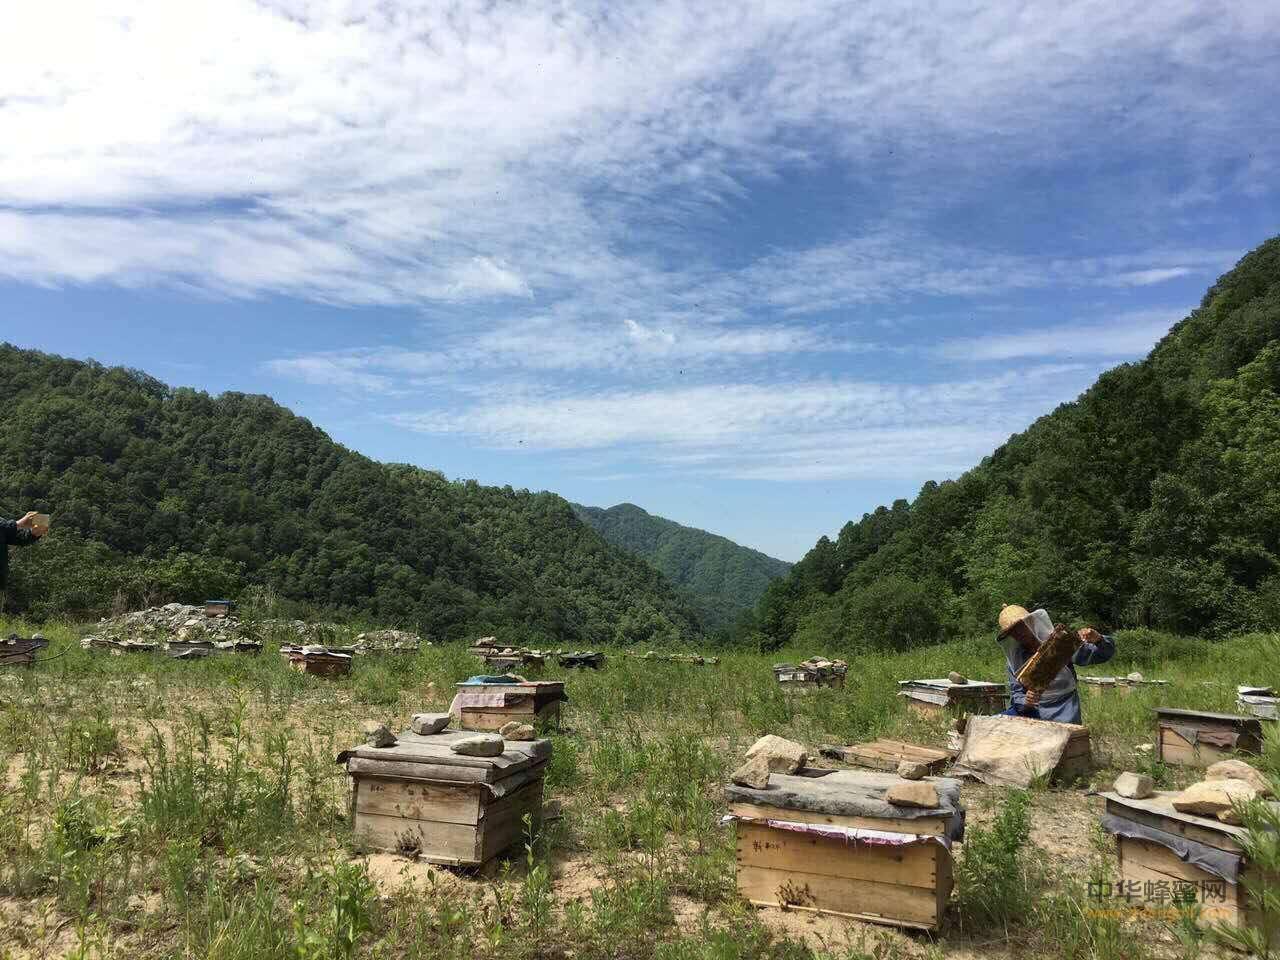 养蜂 蜜蜂养殖 张爱红 江西萍乡 蜂蜜 养蜂技术 蜂蜜新闻